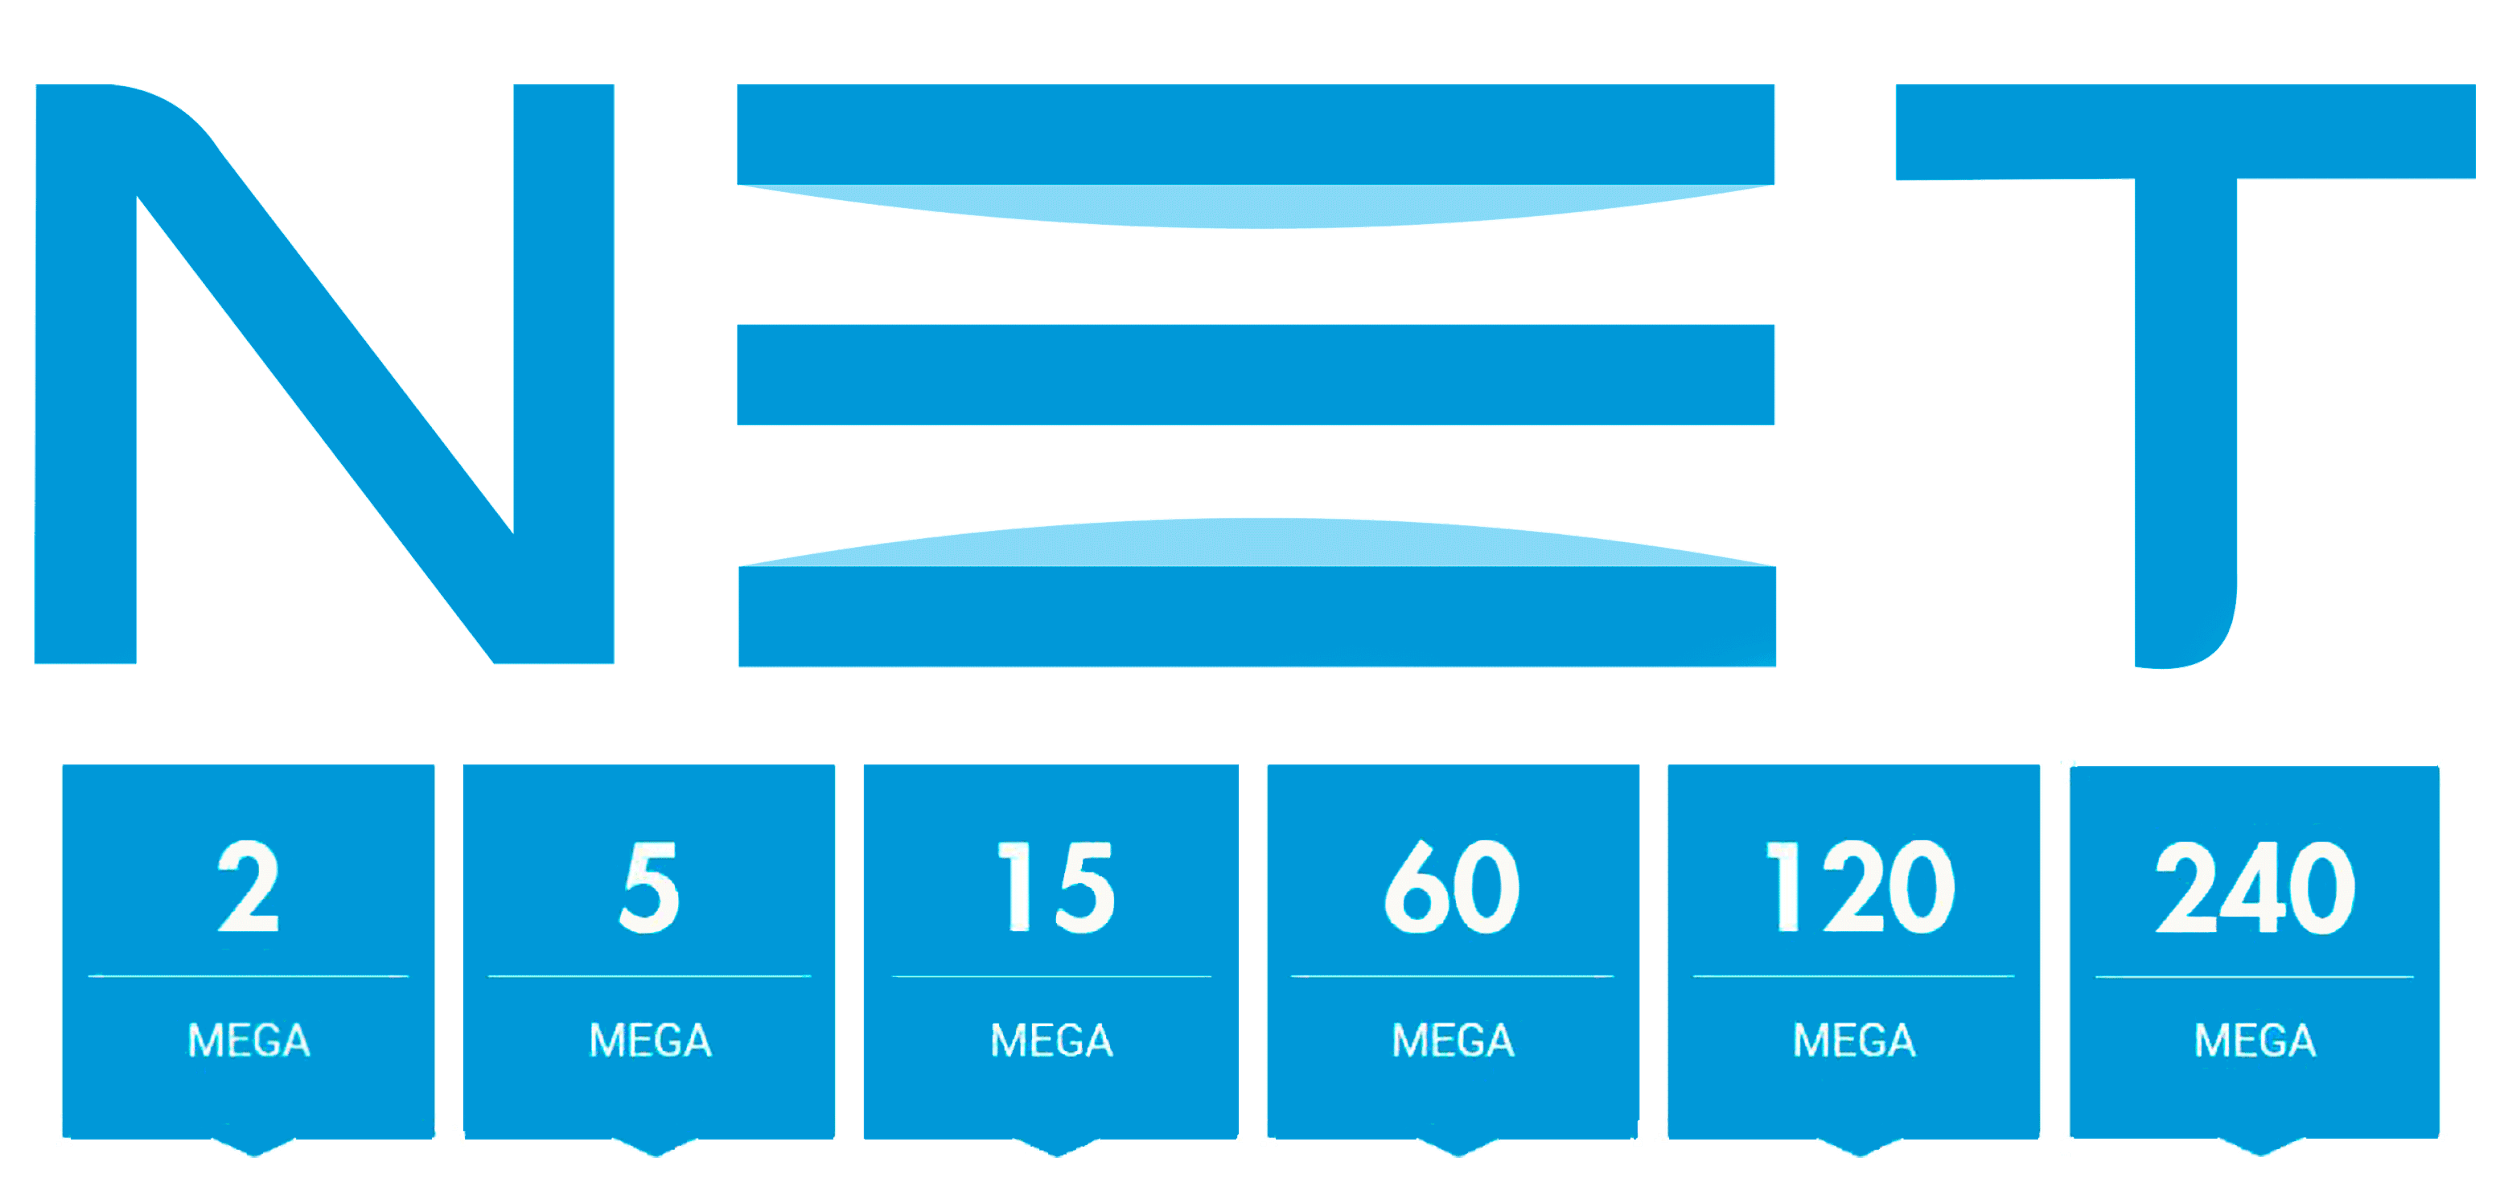 Extremamente NET Virtua - Compare os planos de internet Banda Larga na sua cidade AV29